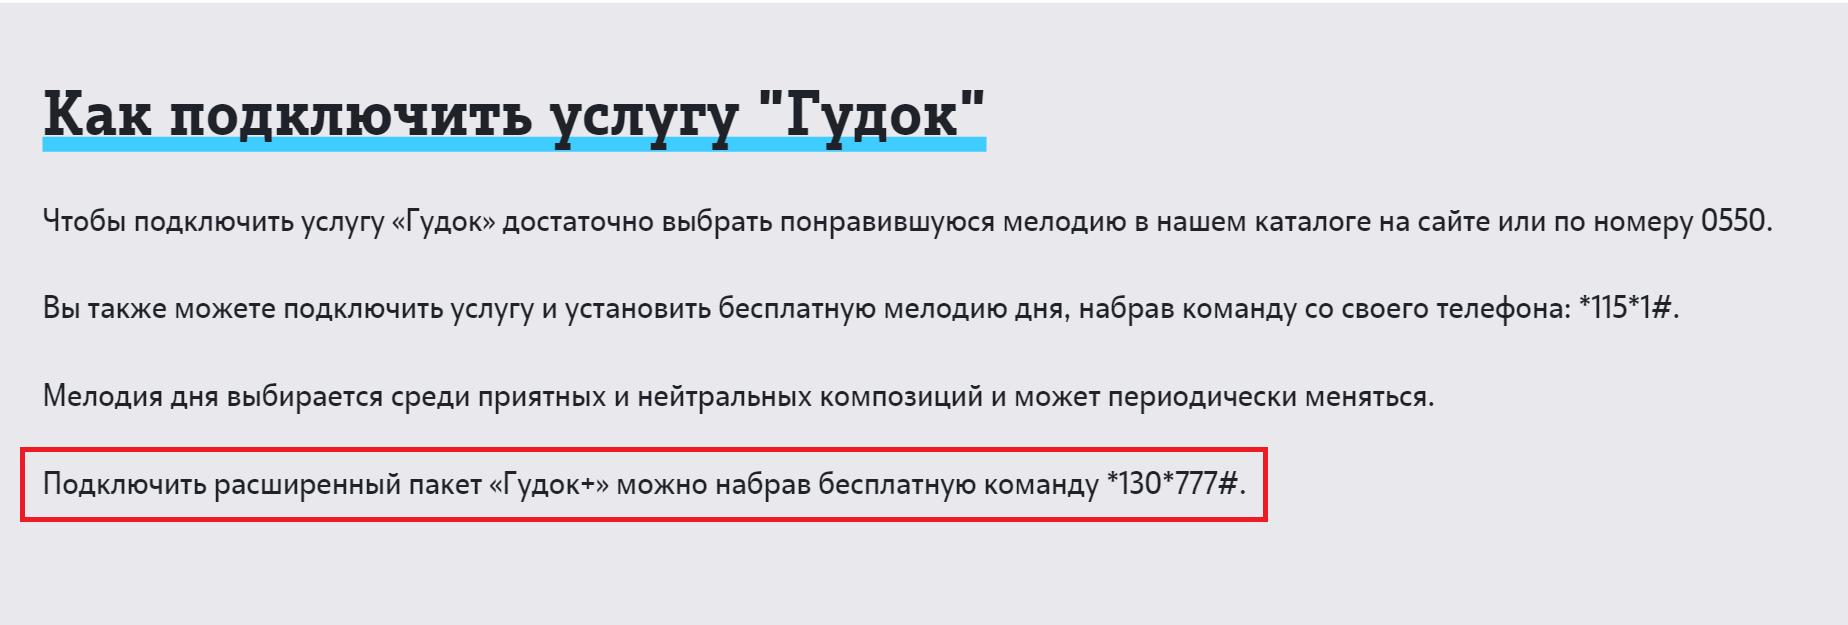 Скрытые мобильные подписки Tele2: разбираемся, как все устроено - 6